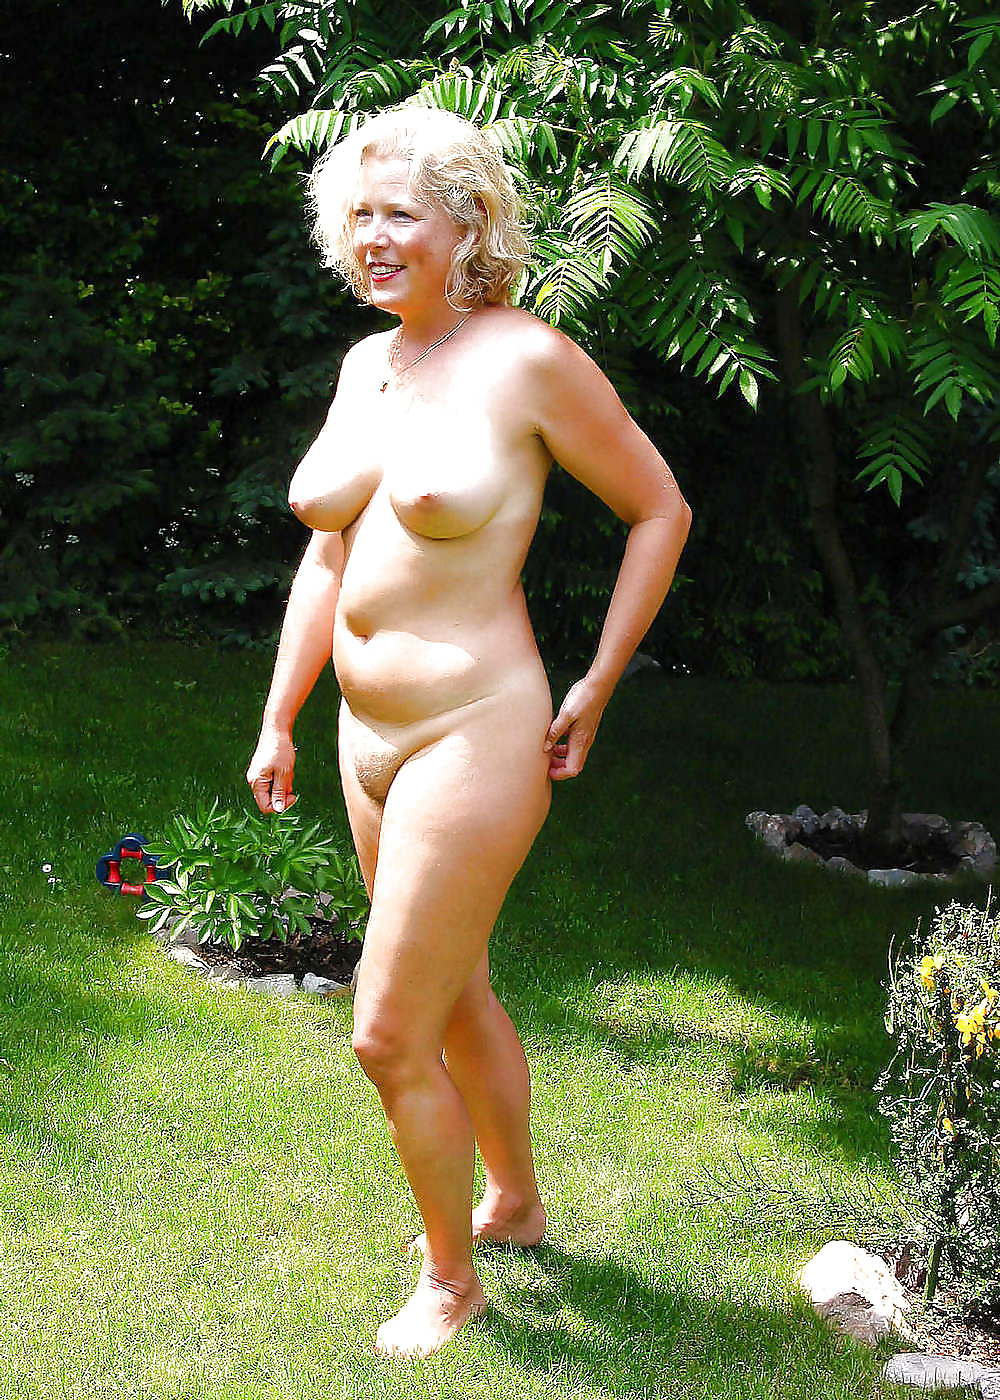 John garden nude wife amateur black